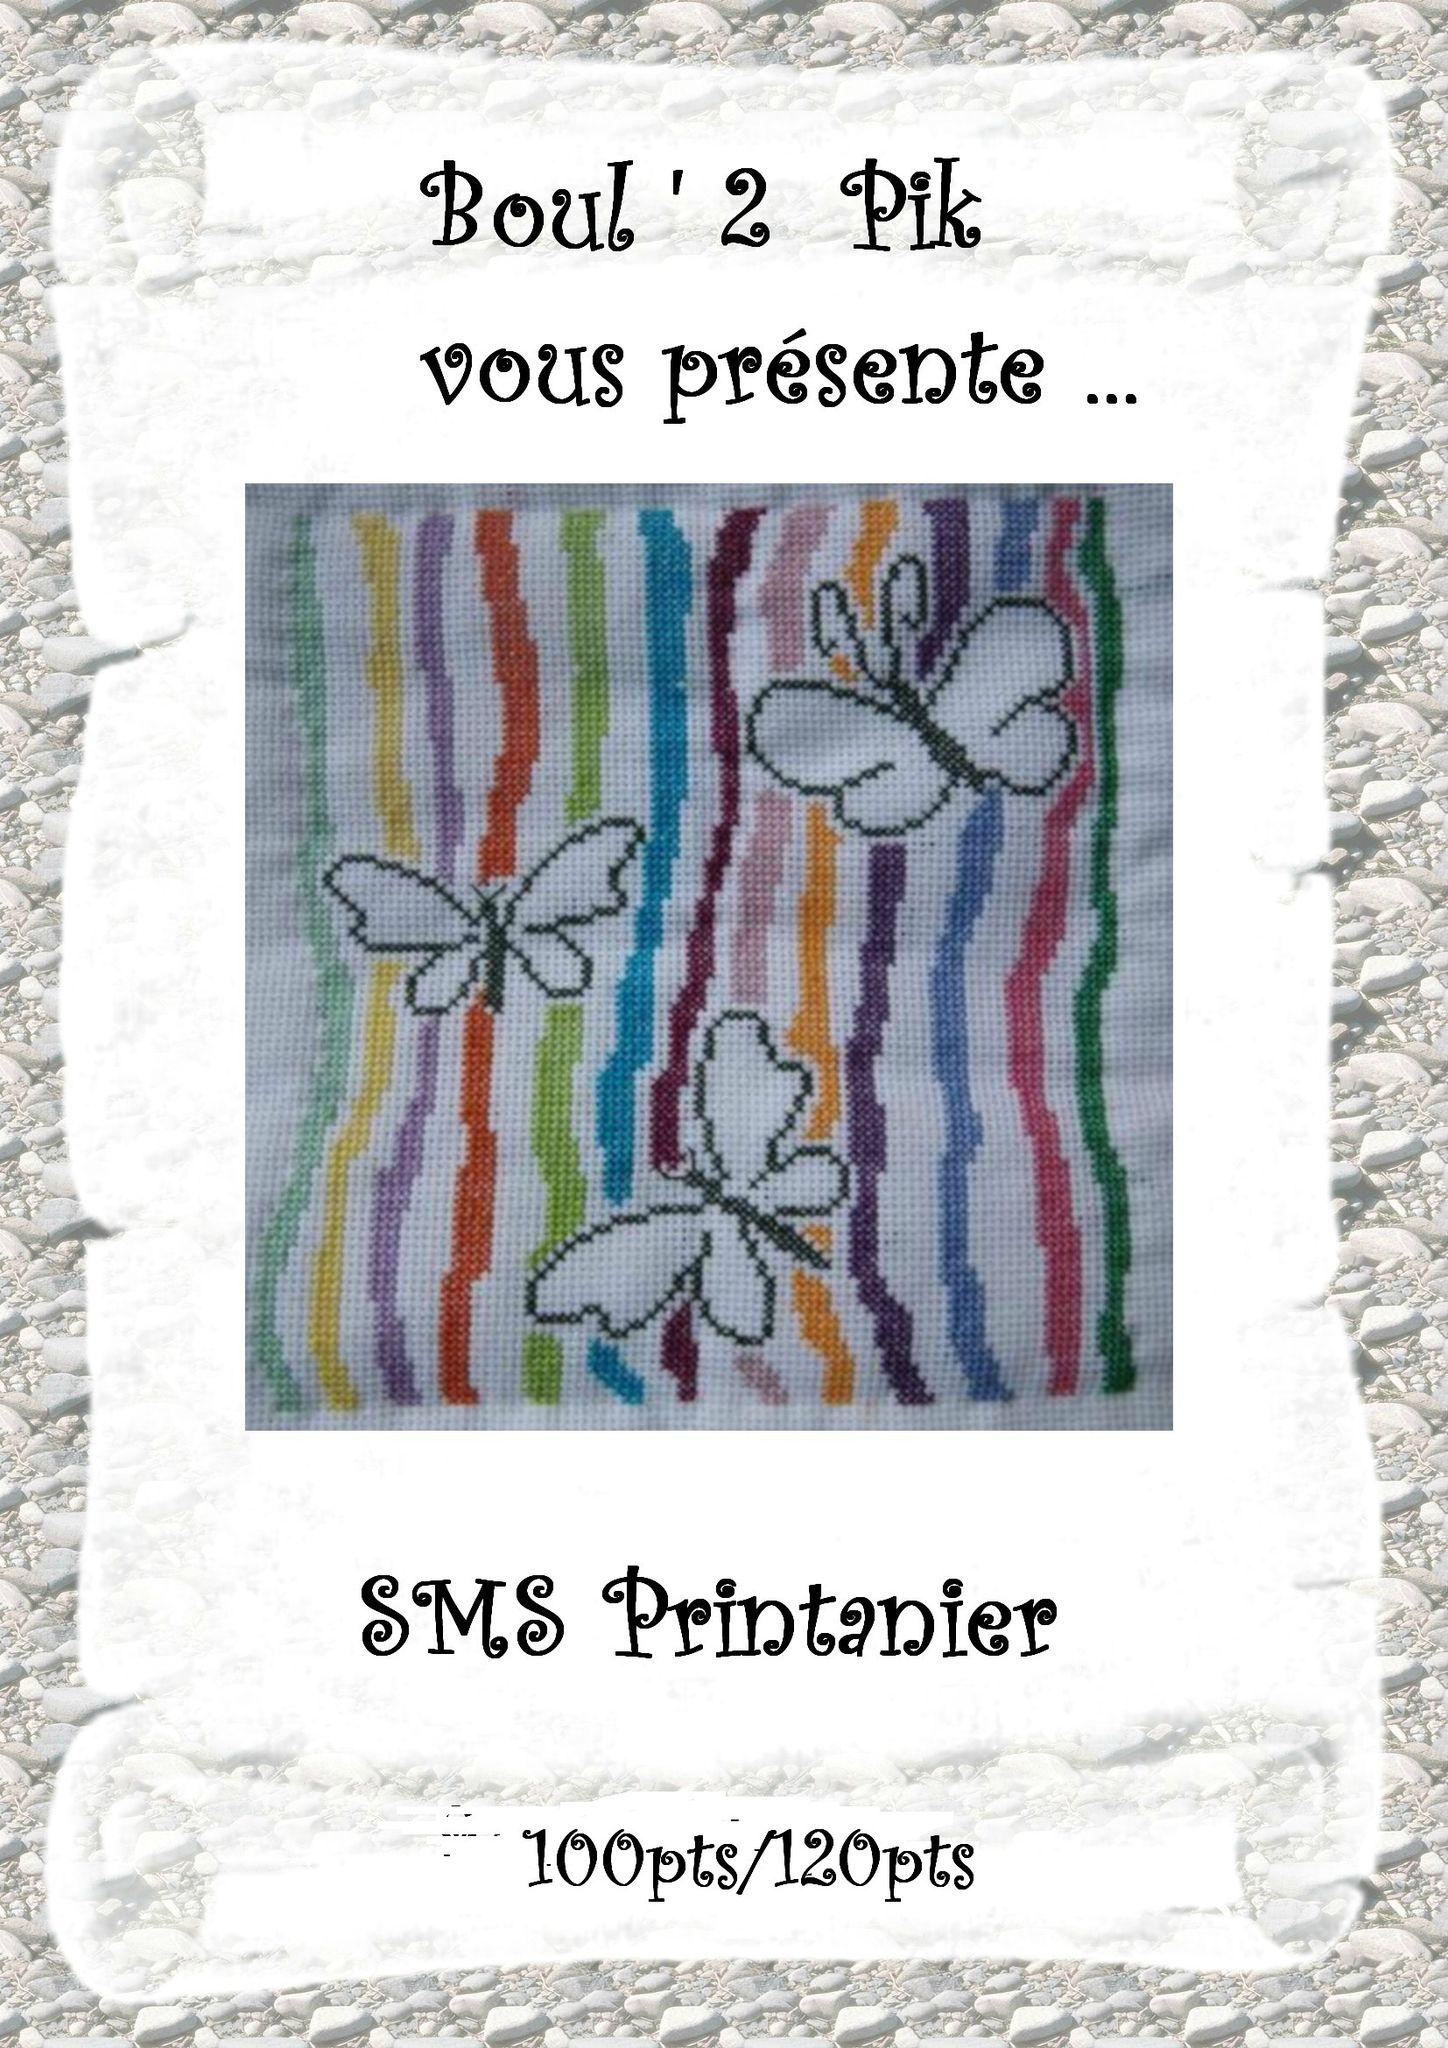 SMS Printanier